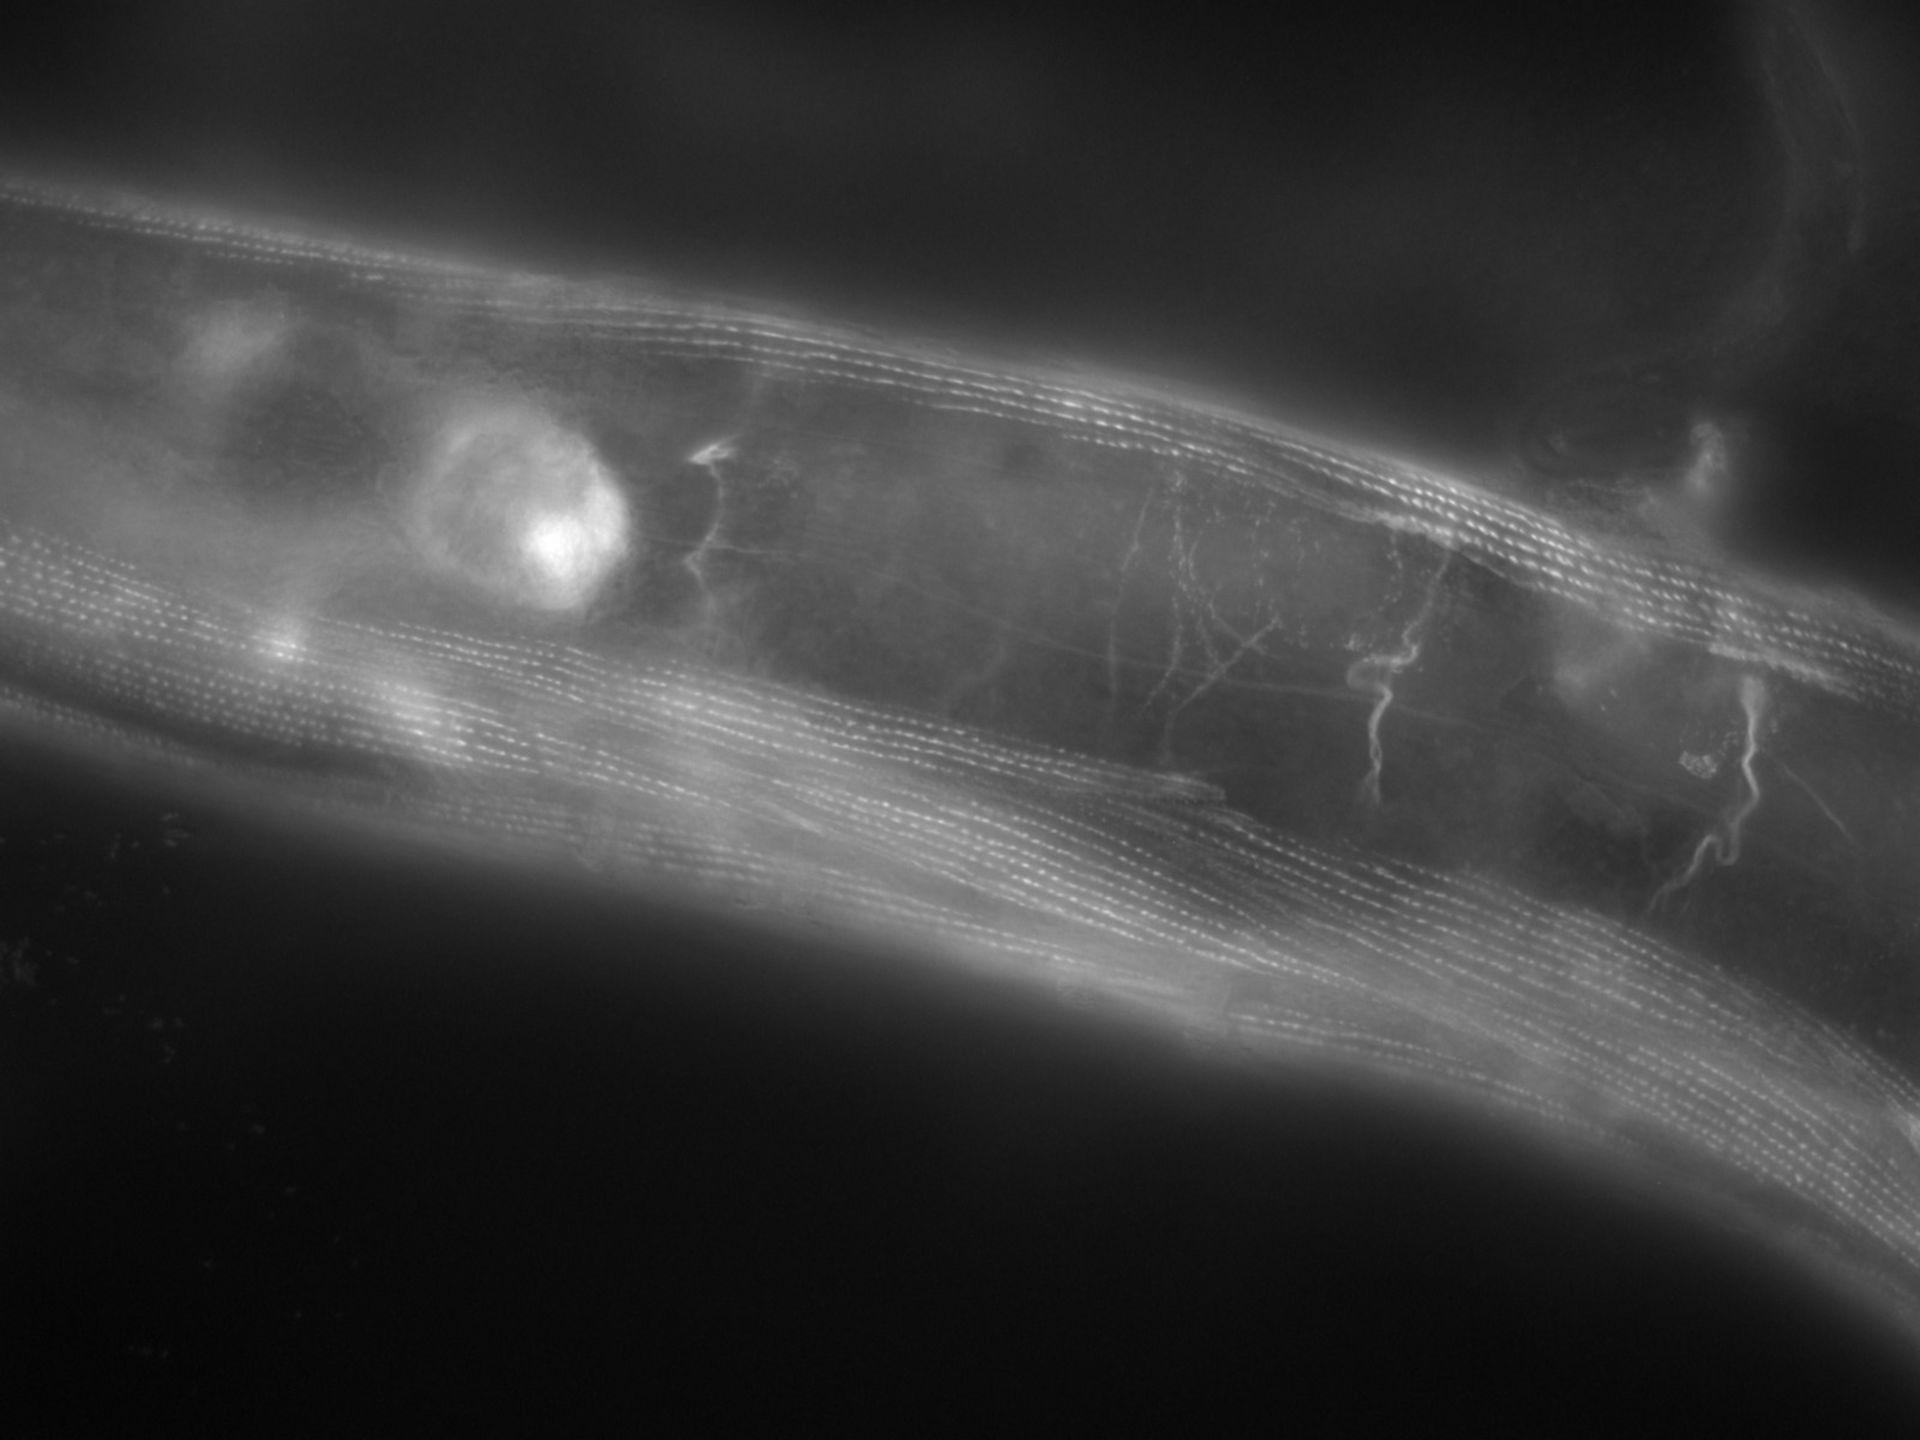 Caenorhabditis elegans (filamento di actina) - CIL:1124